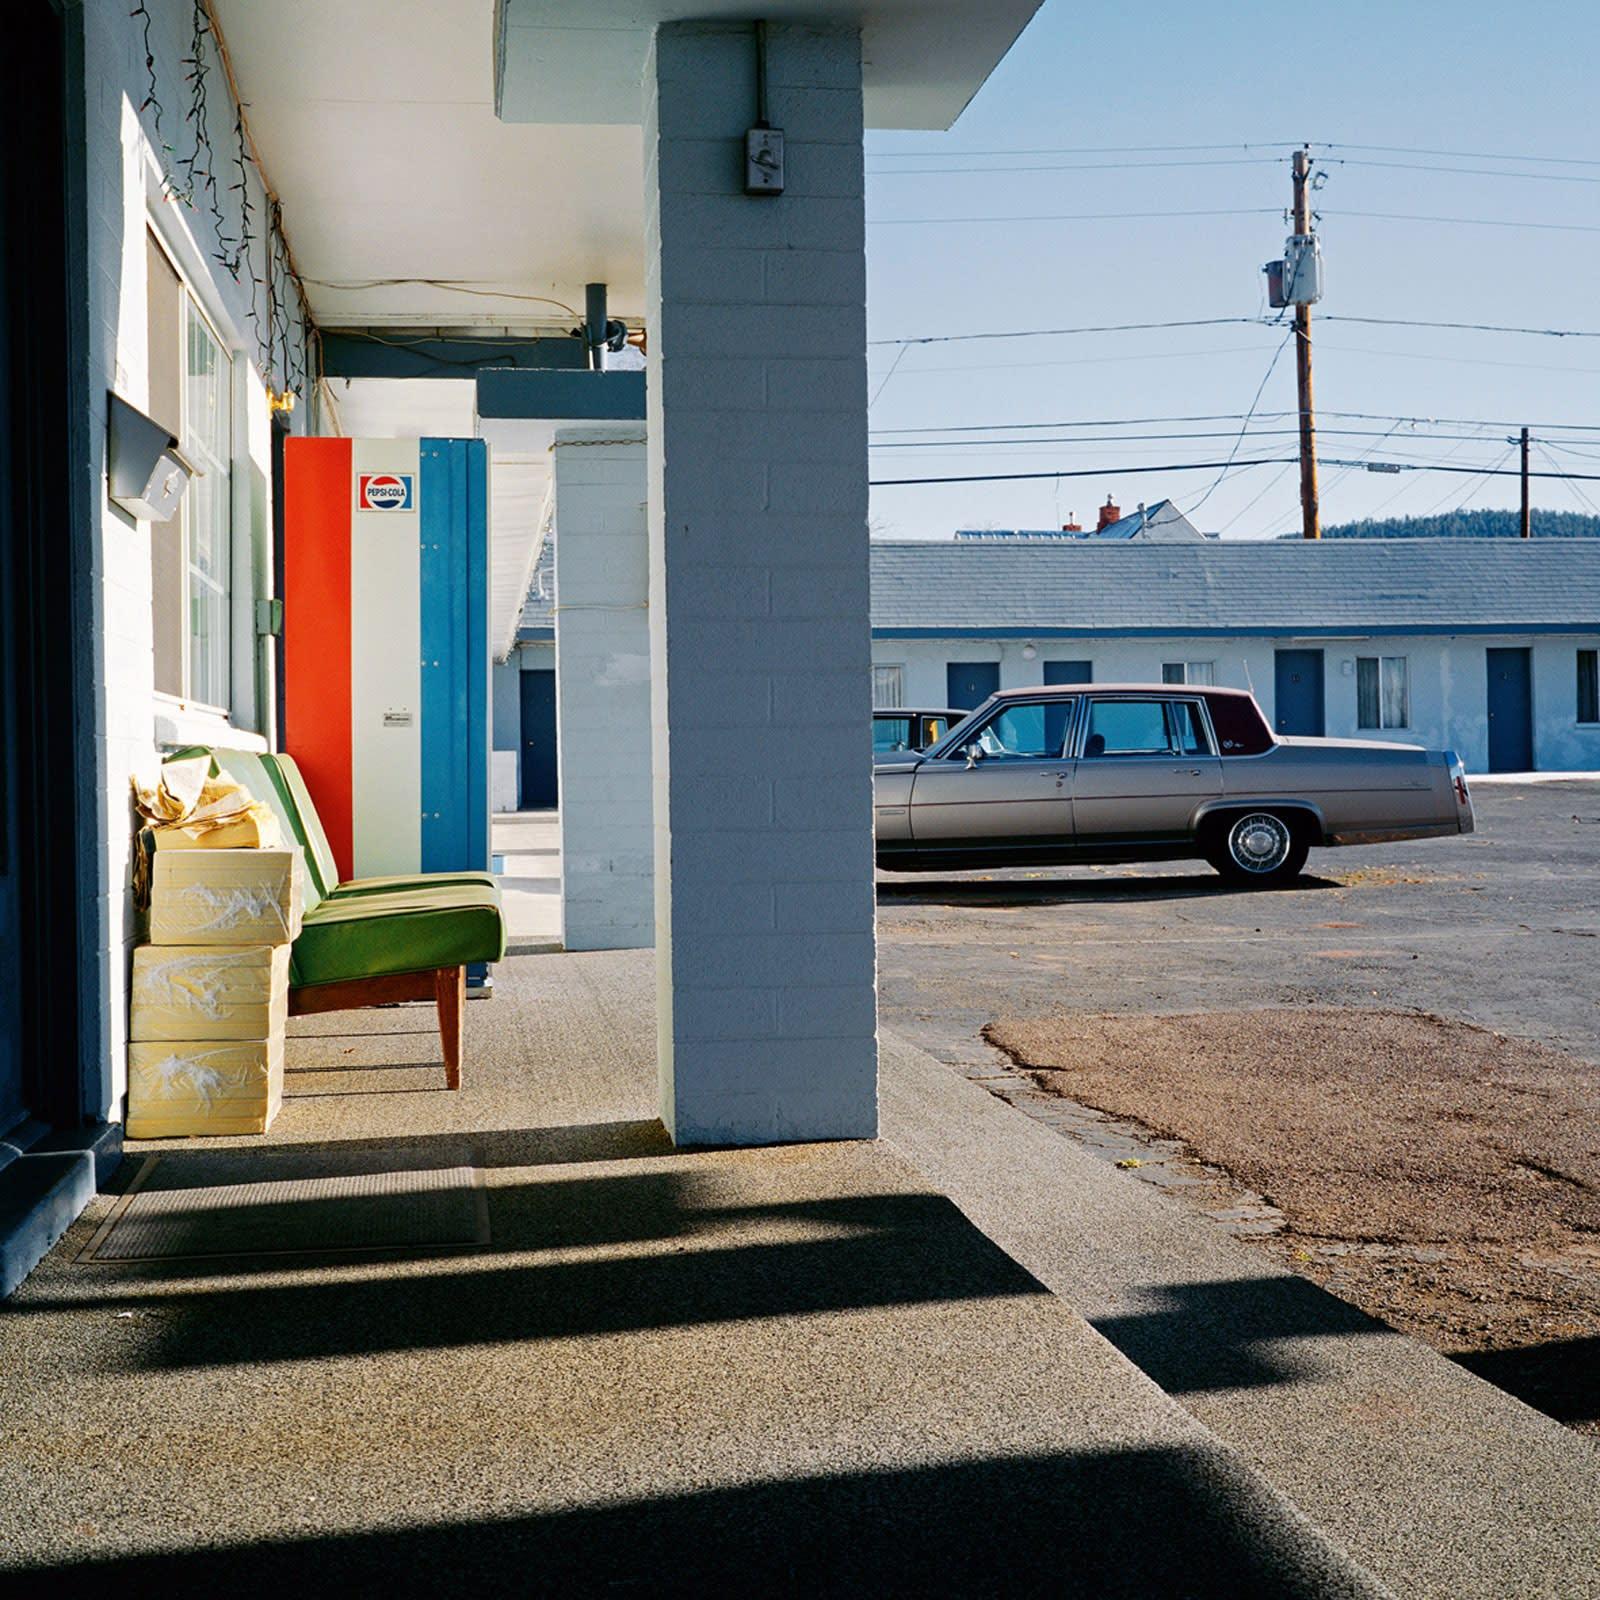 Jean-Christophe Béchet, Californie, 1999